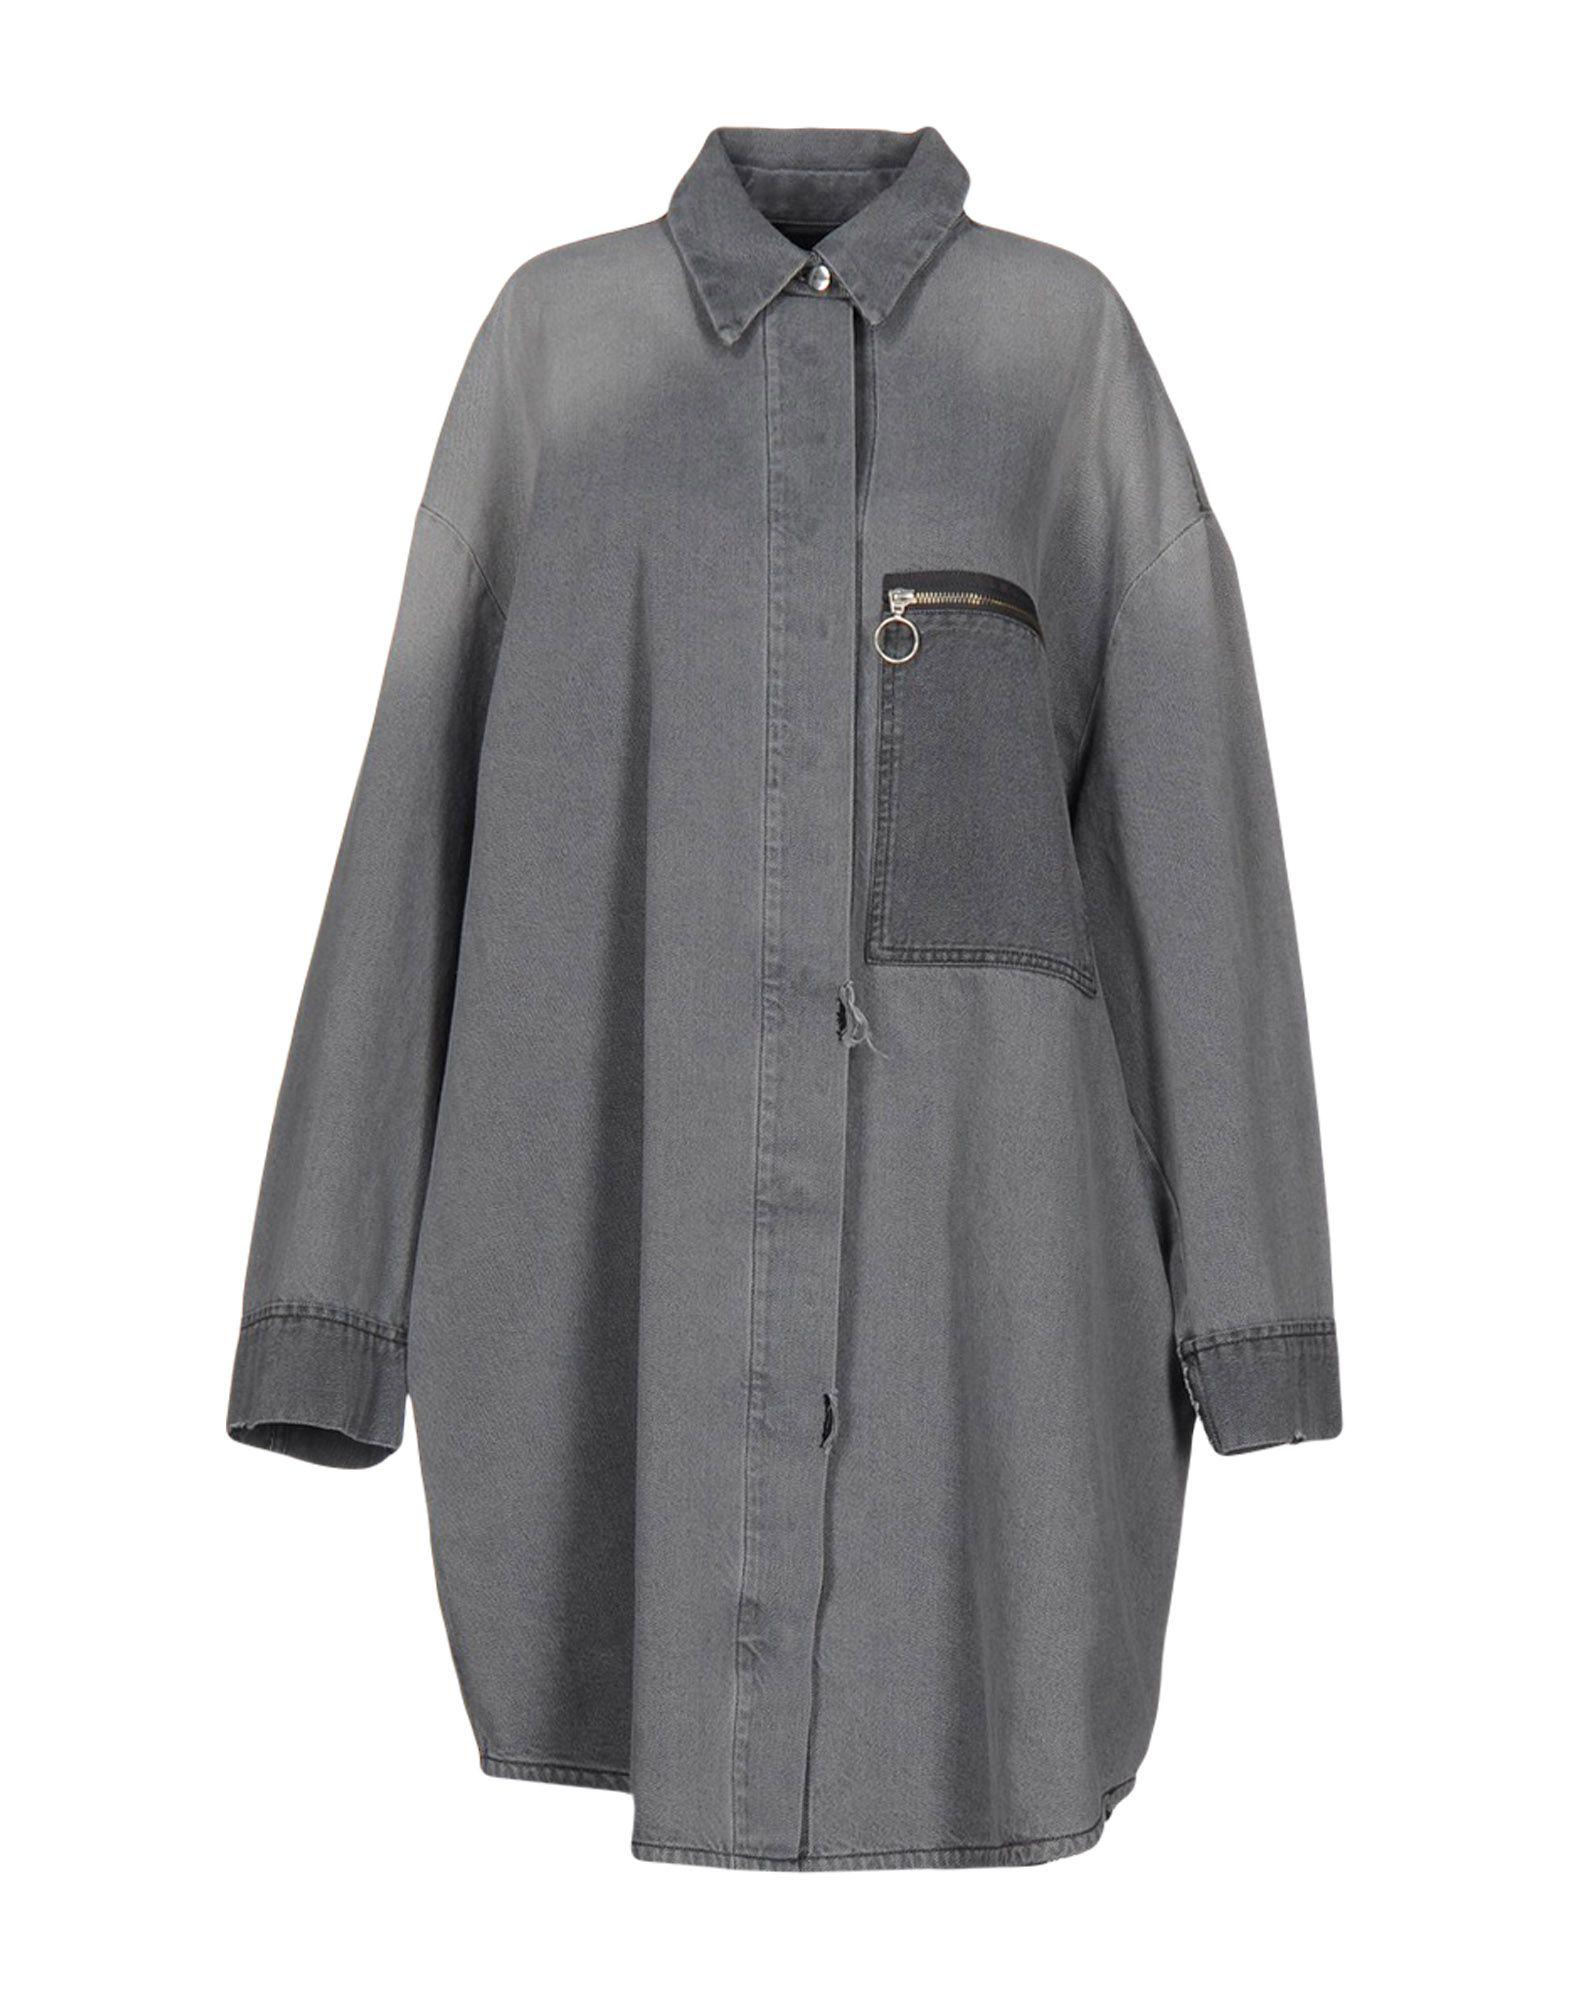 цена MM6 MAISON MARGIELA Джинсовая верхняя одежда онлайн в 2017 году